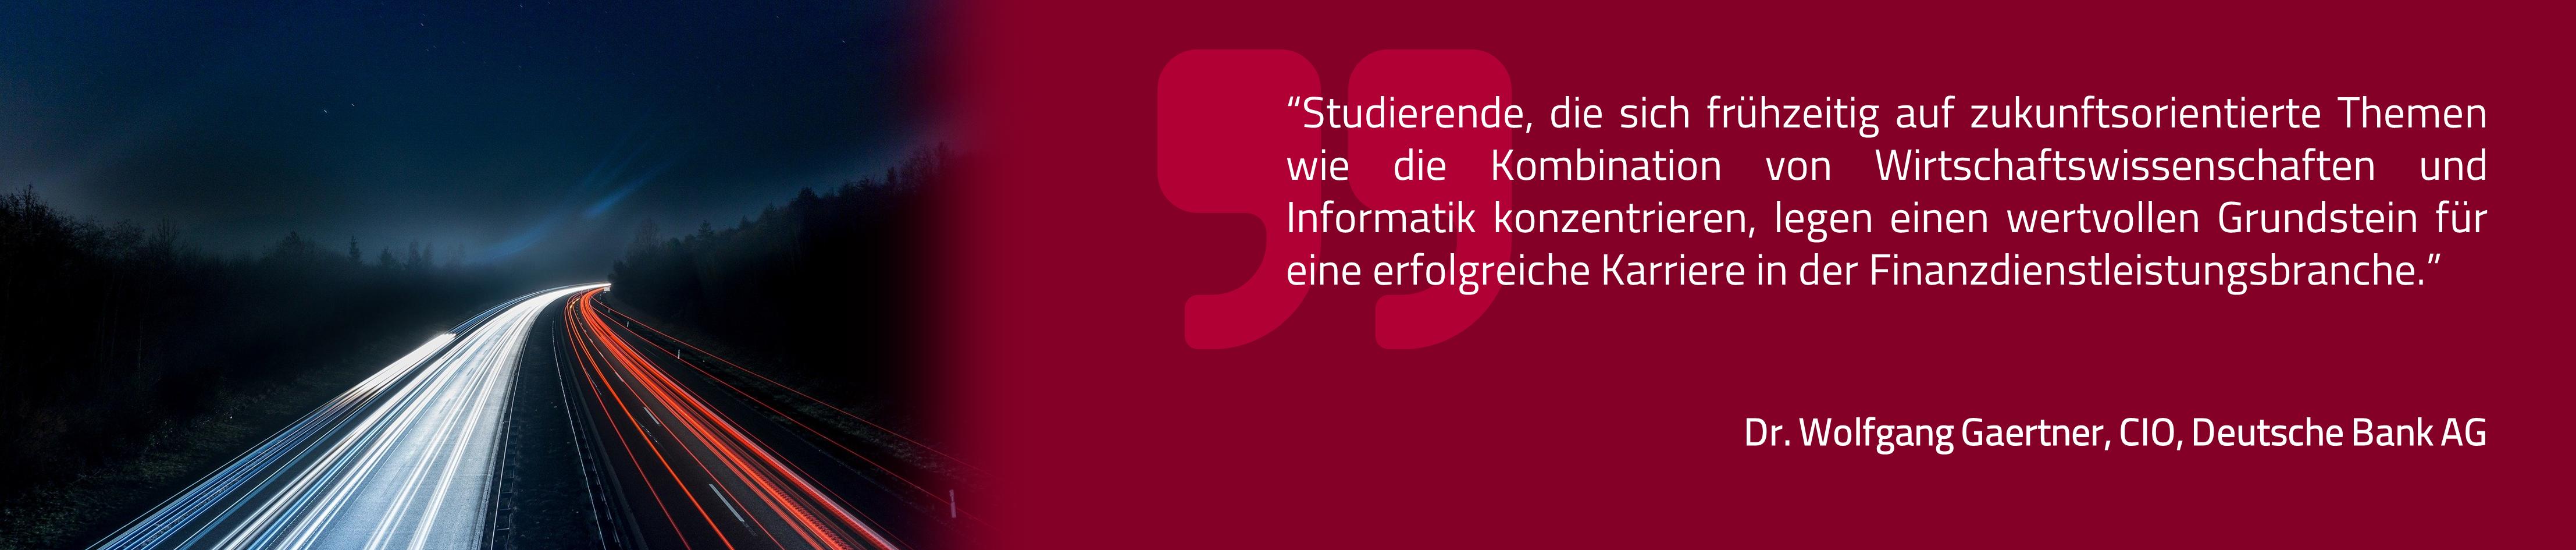 Slider_Lehre